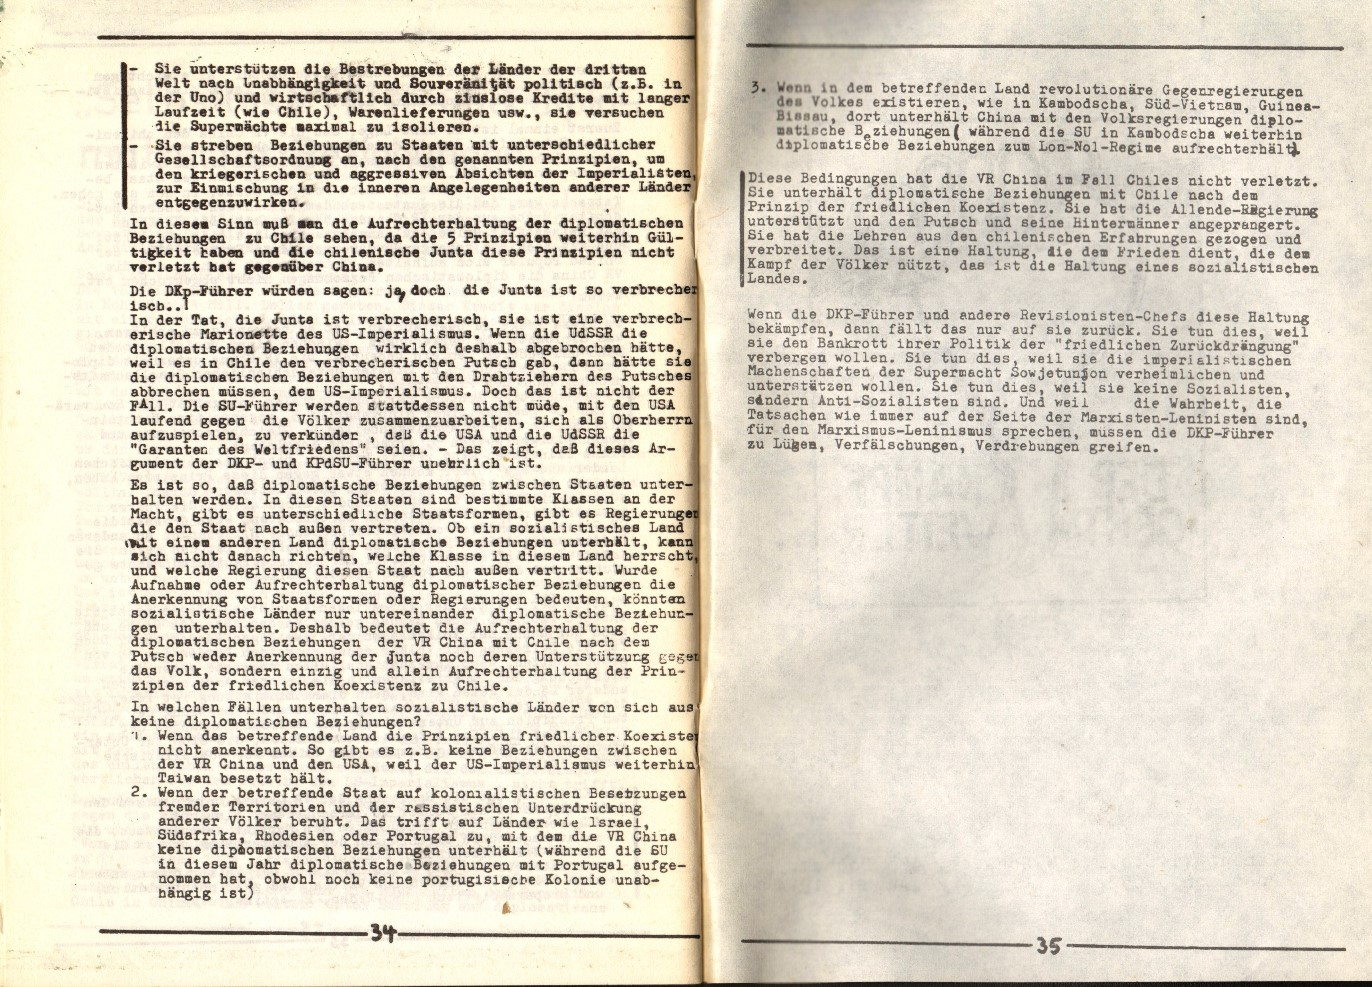 Duisburg_ML_1974_Was_lehrt_Chile_wirklich_17